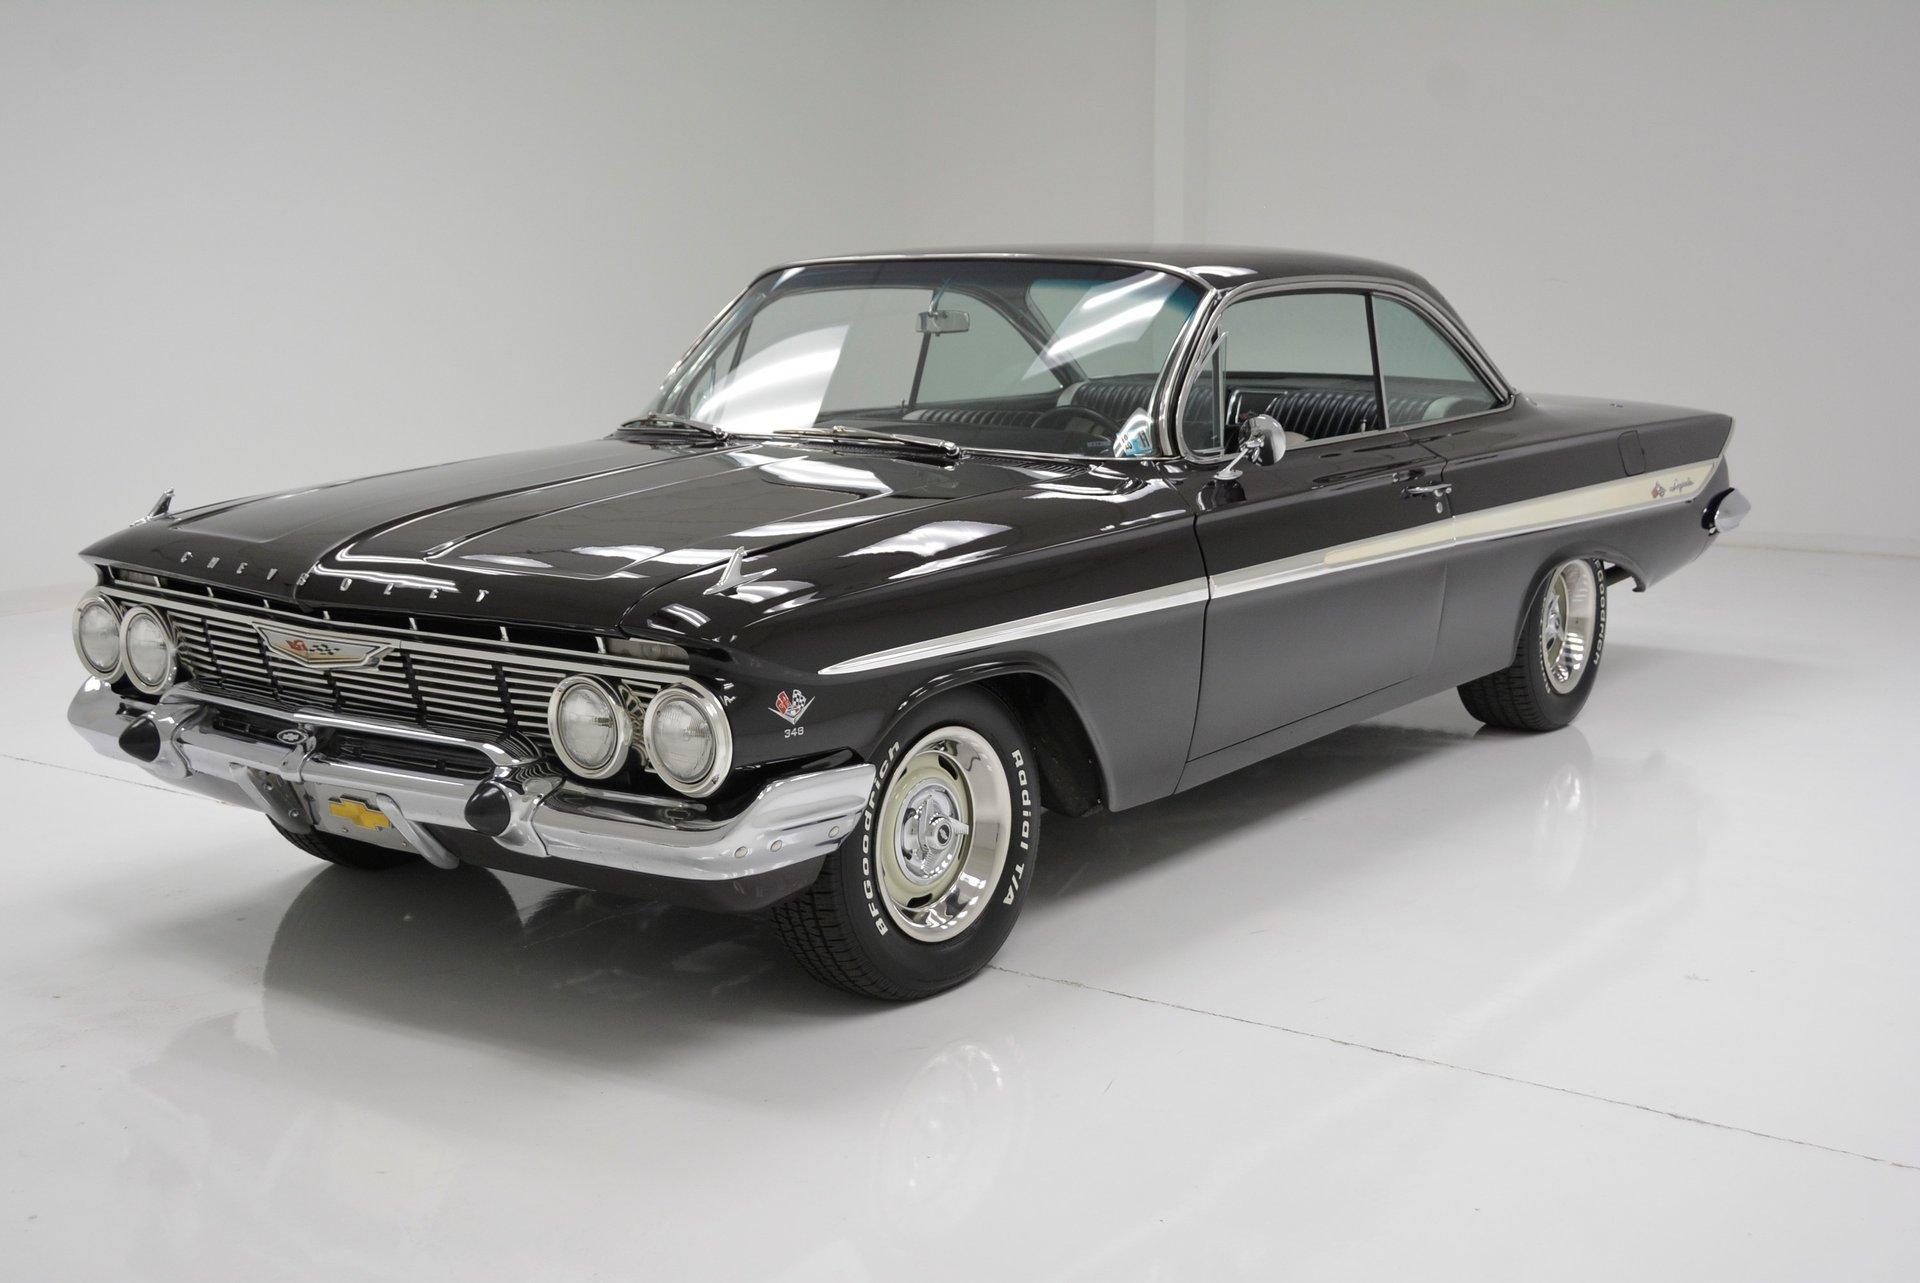 1961 Chevrolet Impala Classic Auto Mall Bubble Top